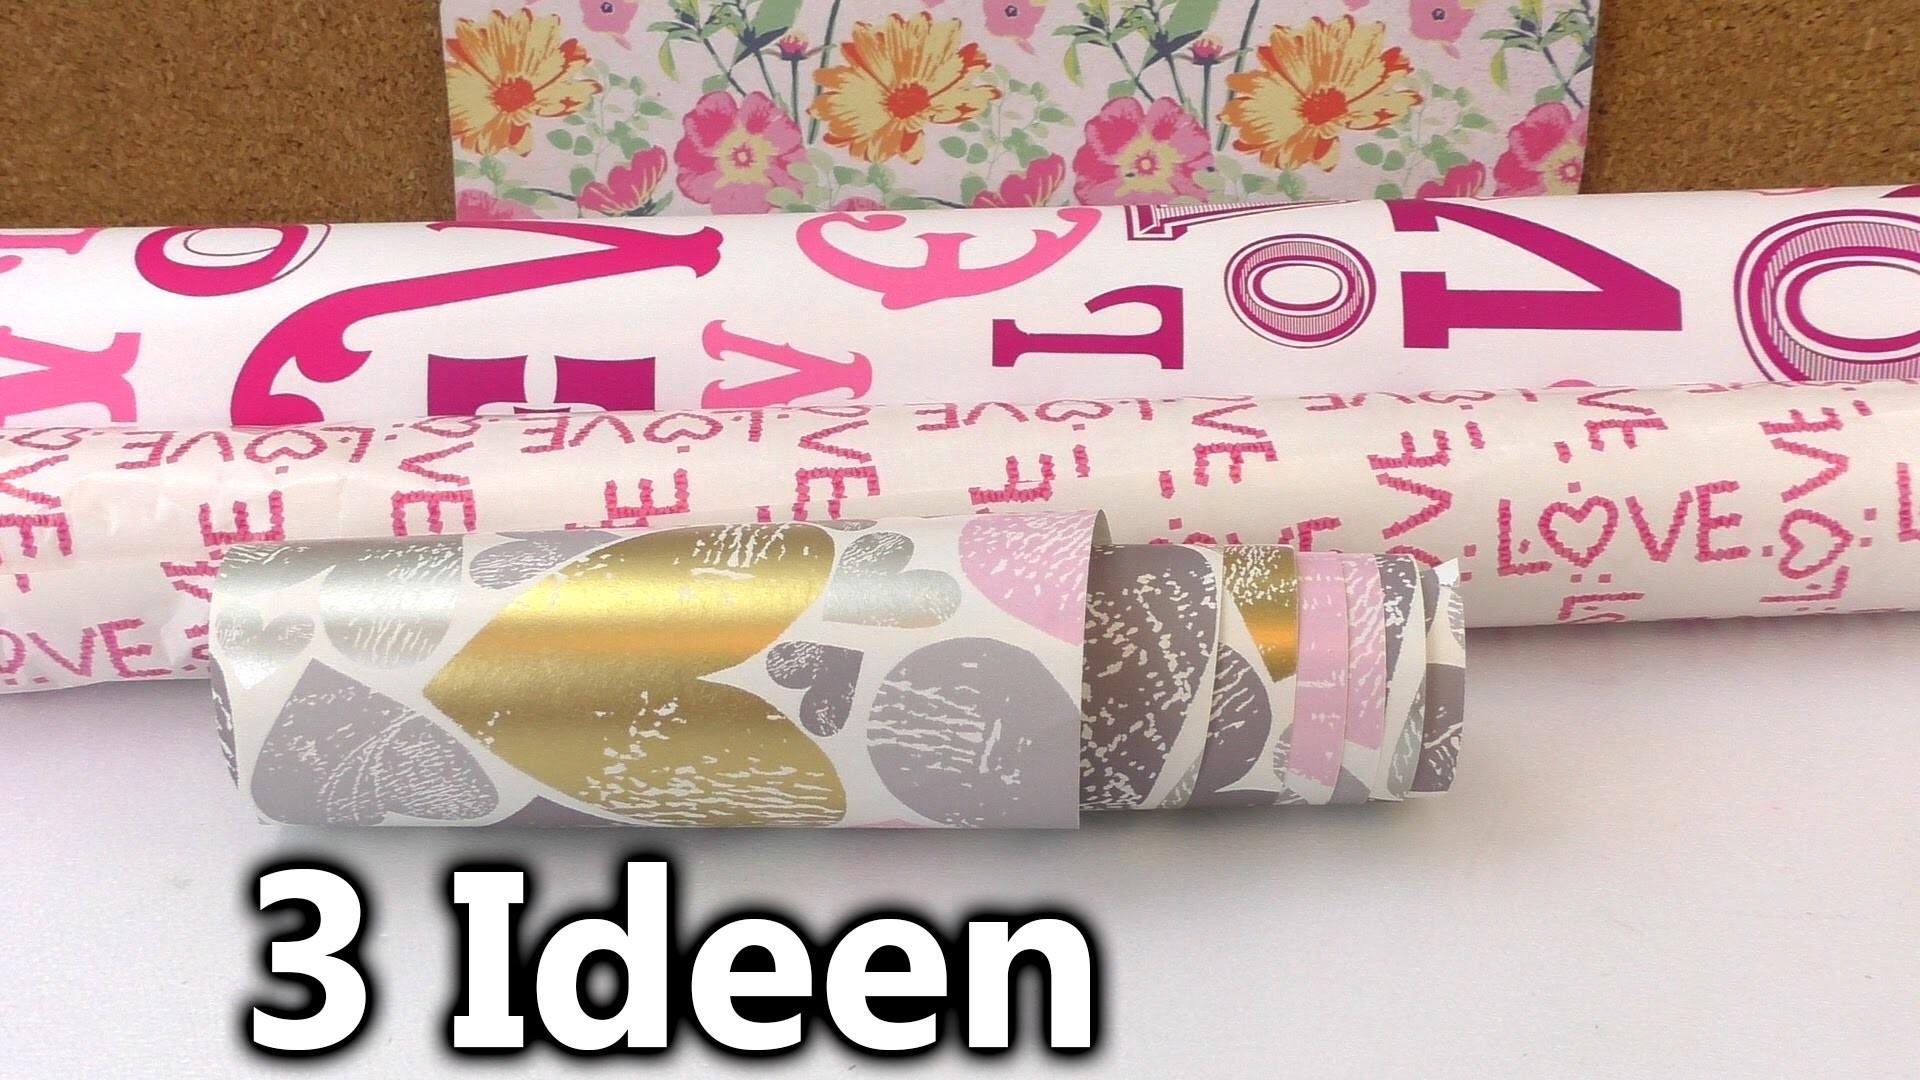 Drei tolle Geschenkpapier Ideen | kreative Dinge, die ihr mit schönem Geschenkpapier machen könnt